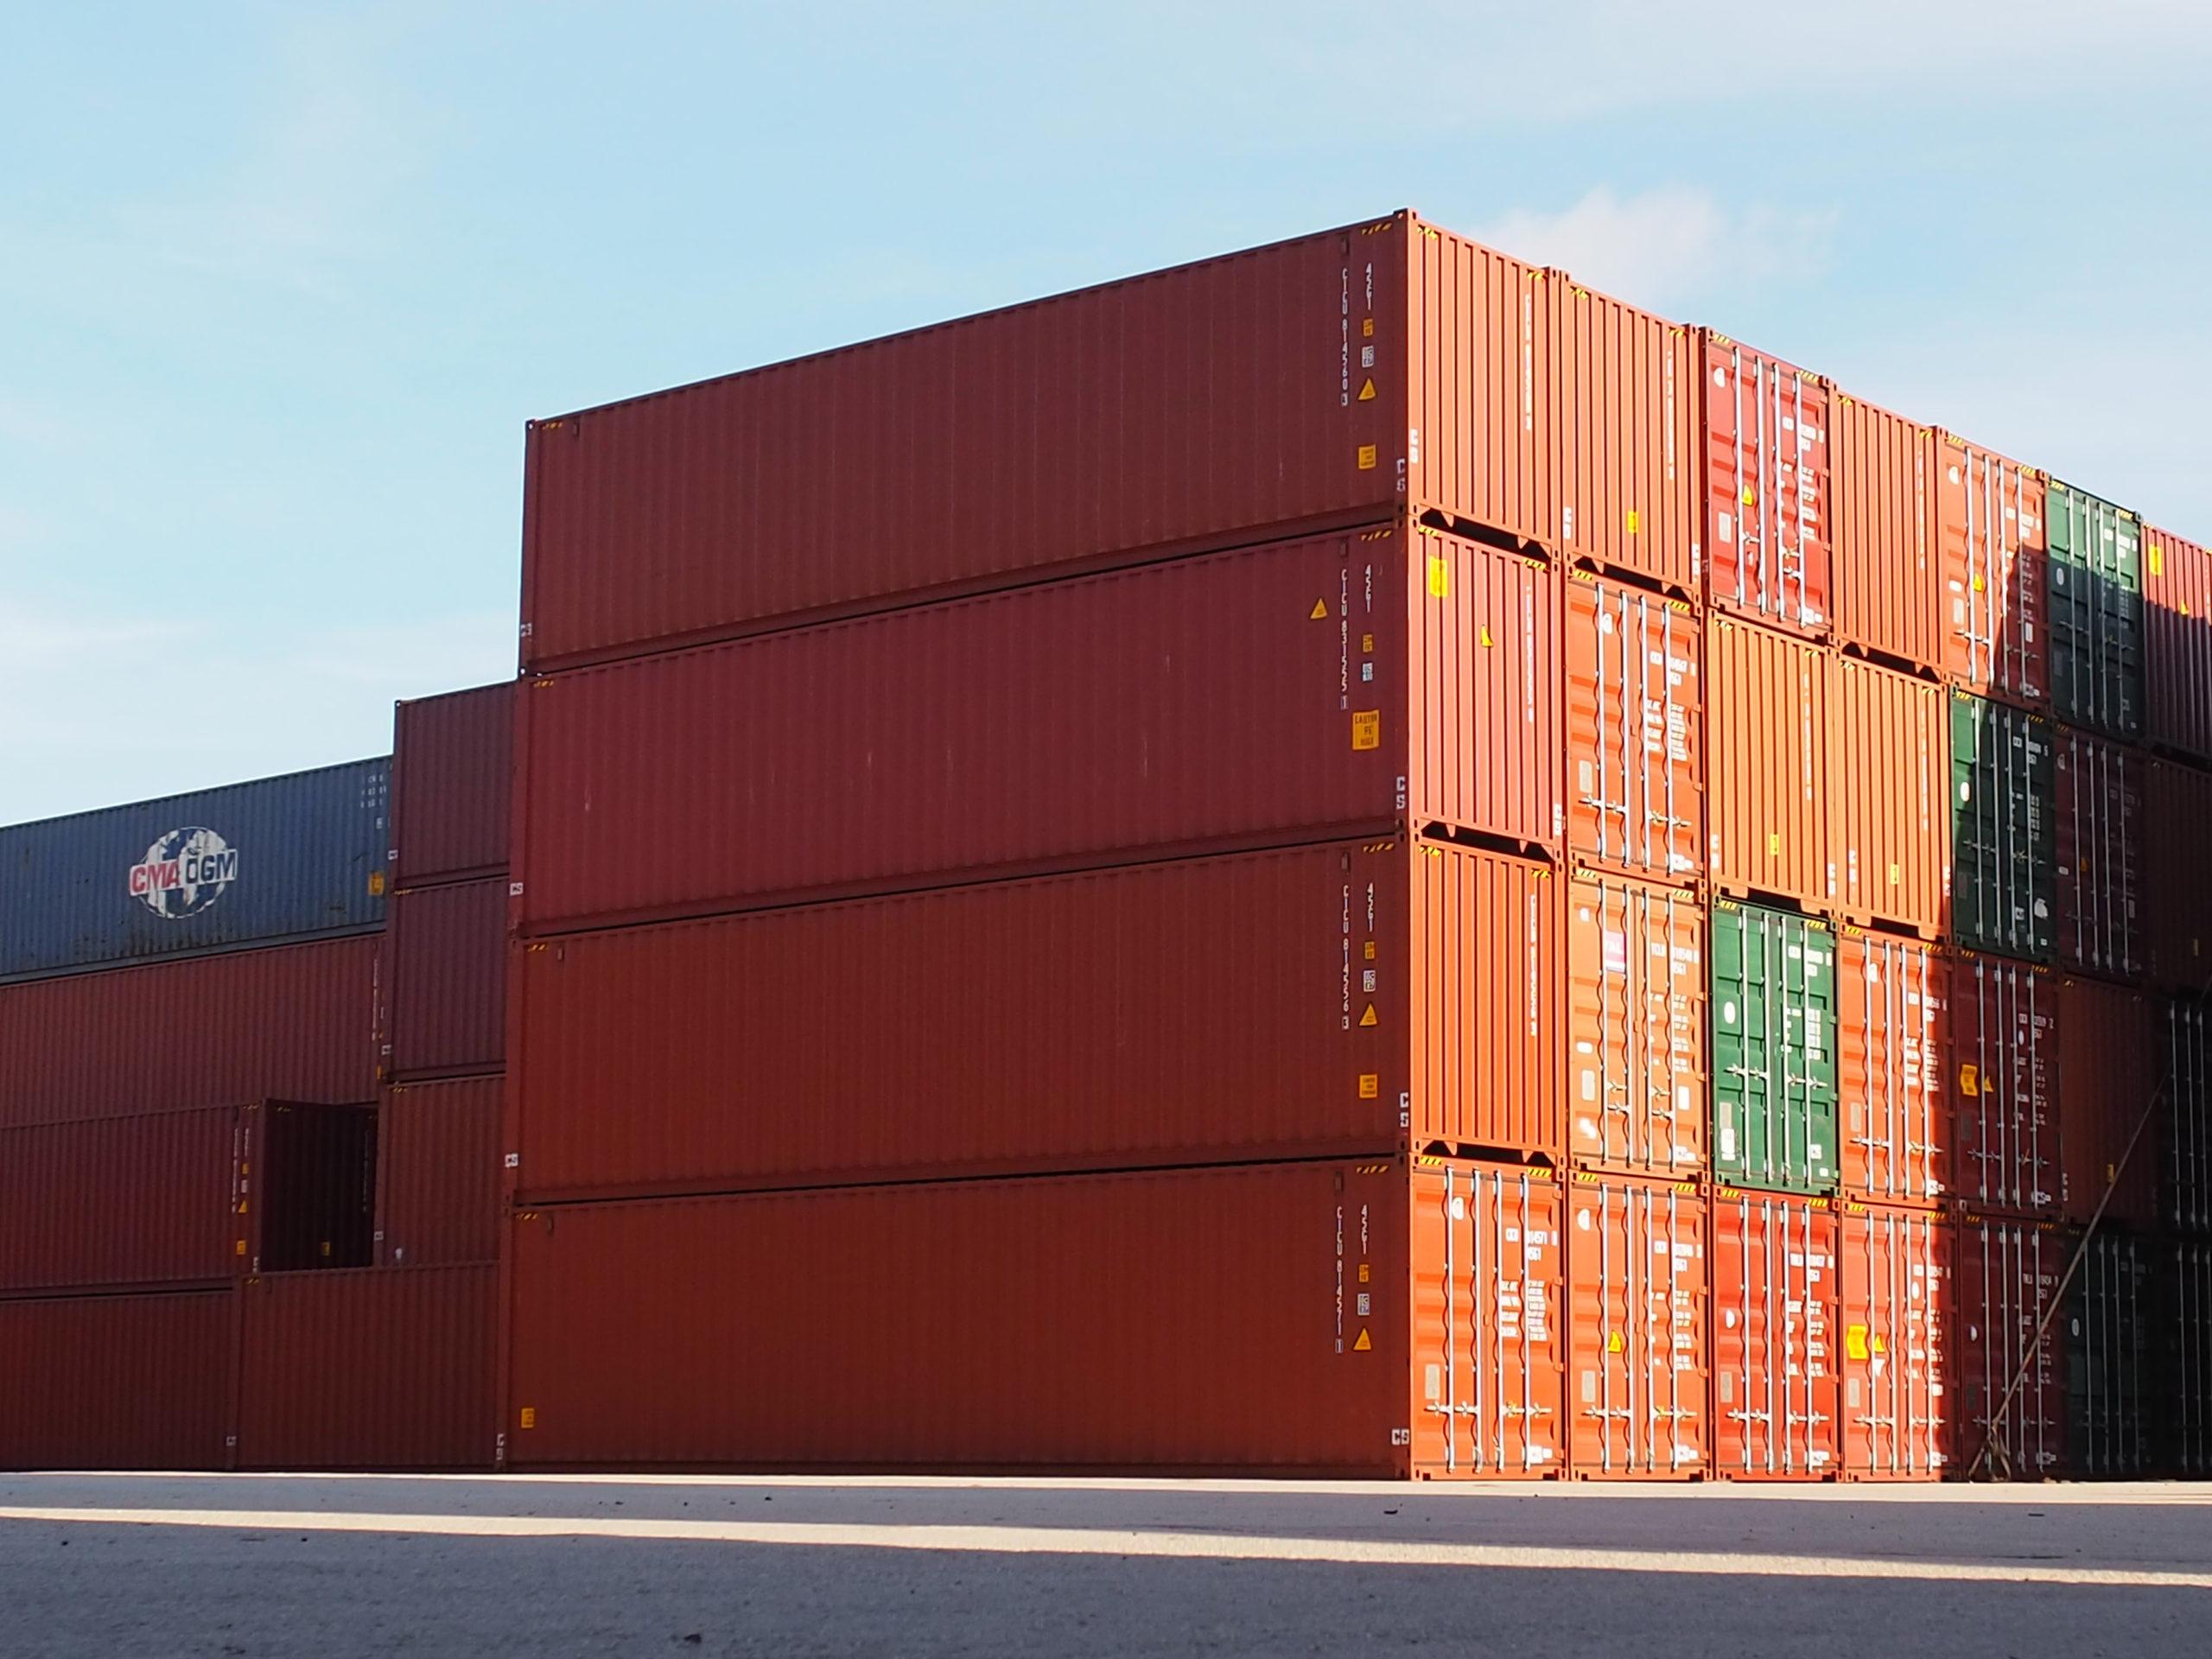 貨櫃裝卸(Container Depot)